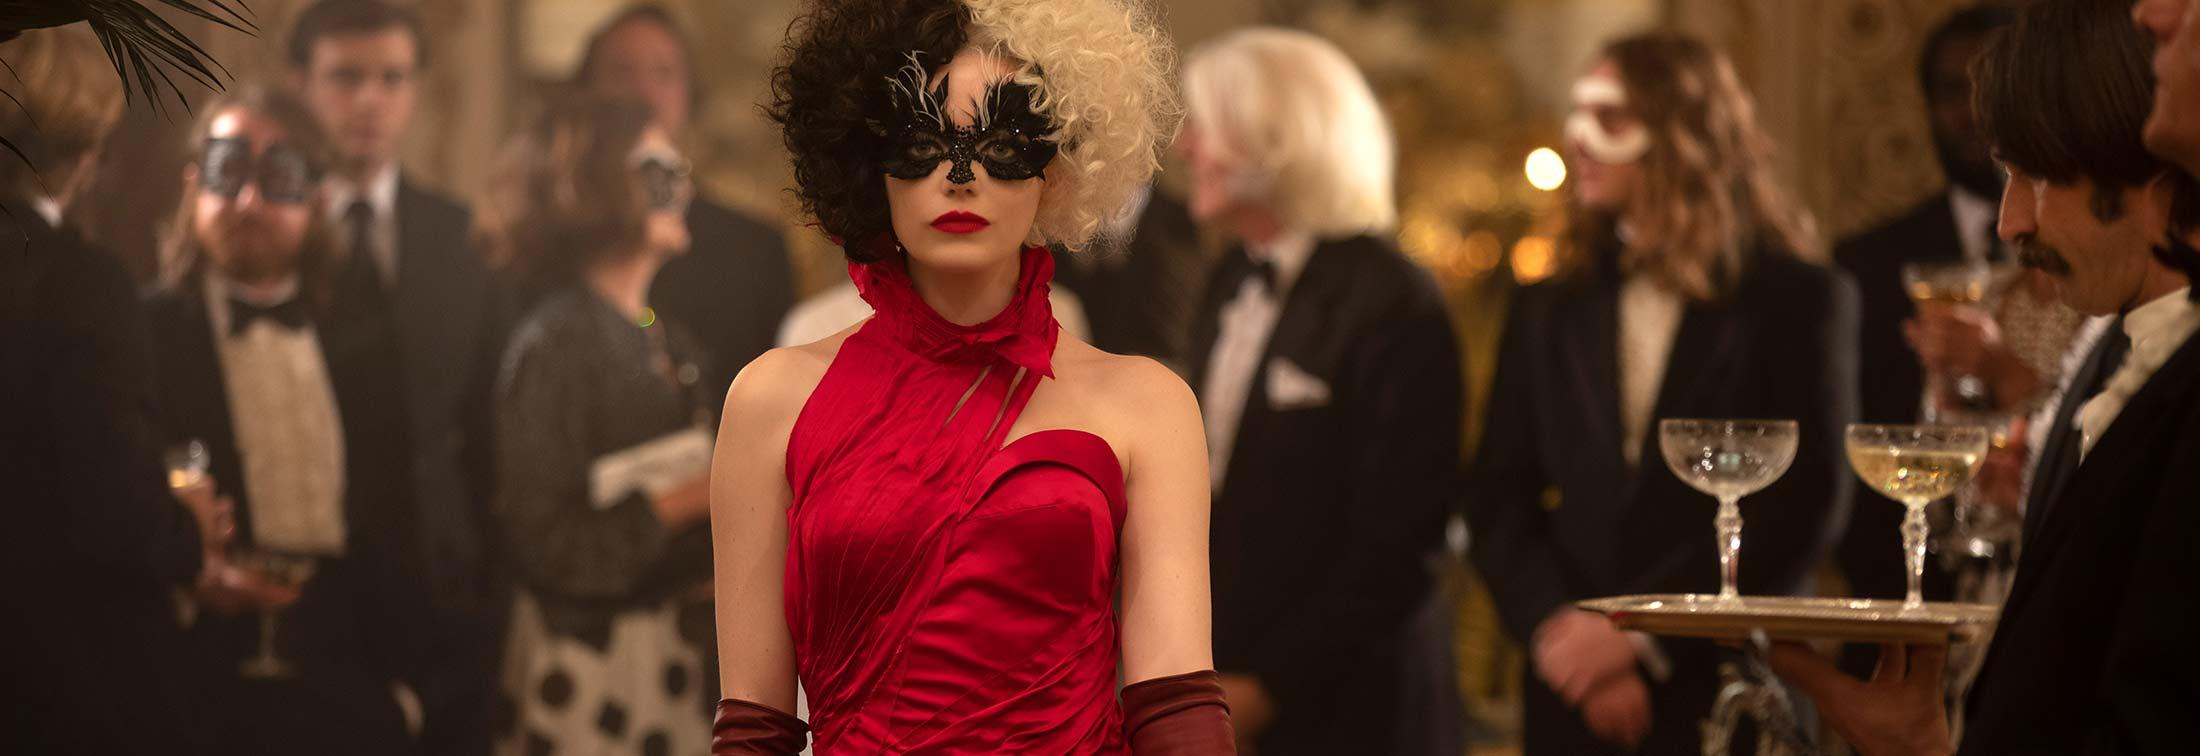 Cruella - Fashion caper that sees a return to Disney's villains